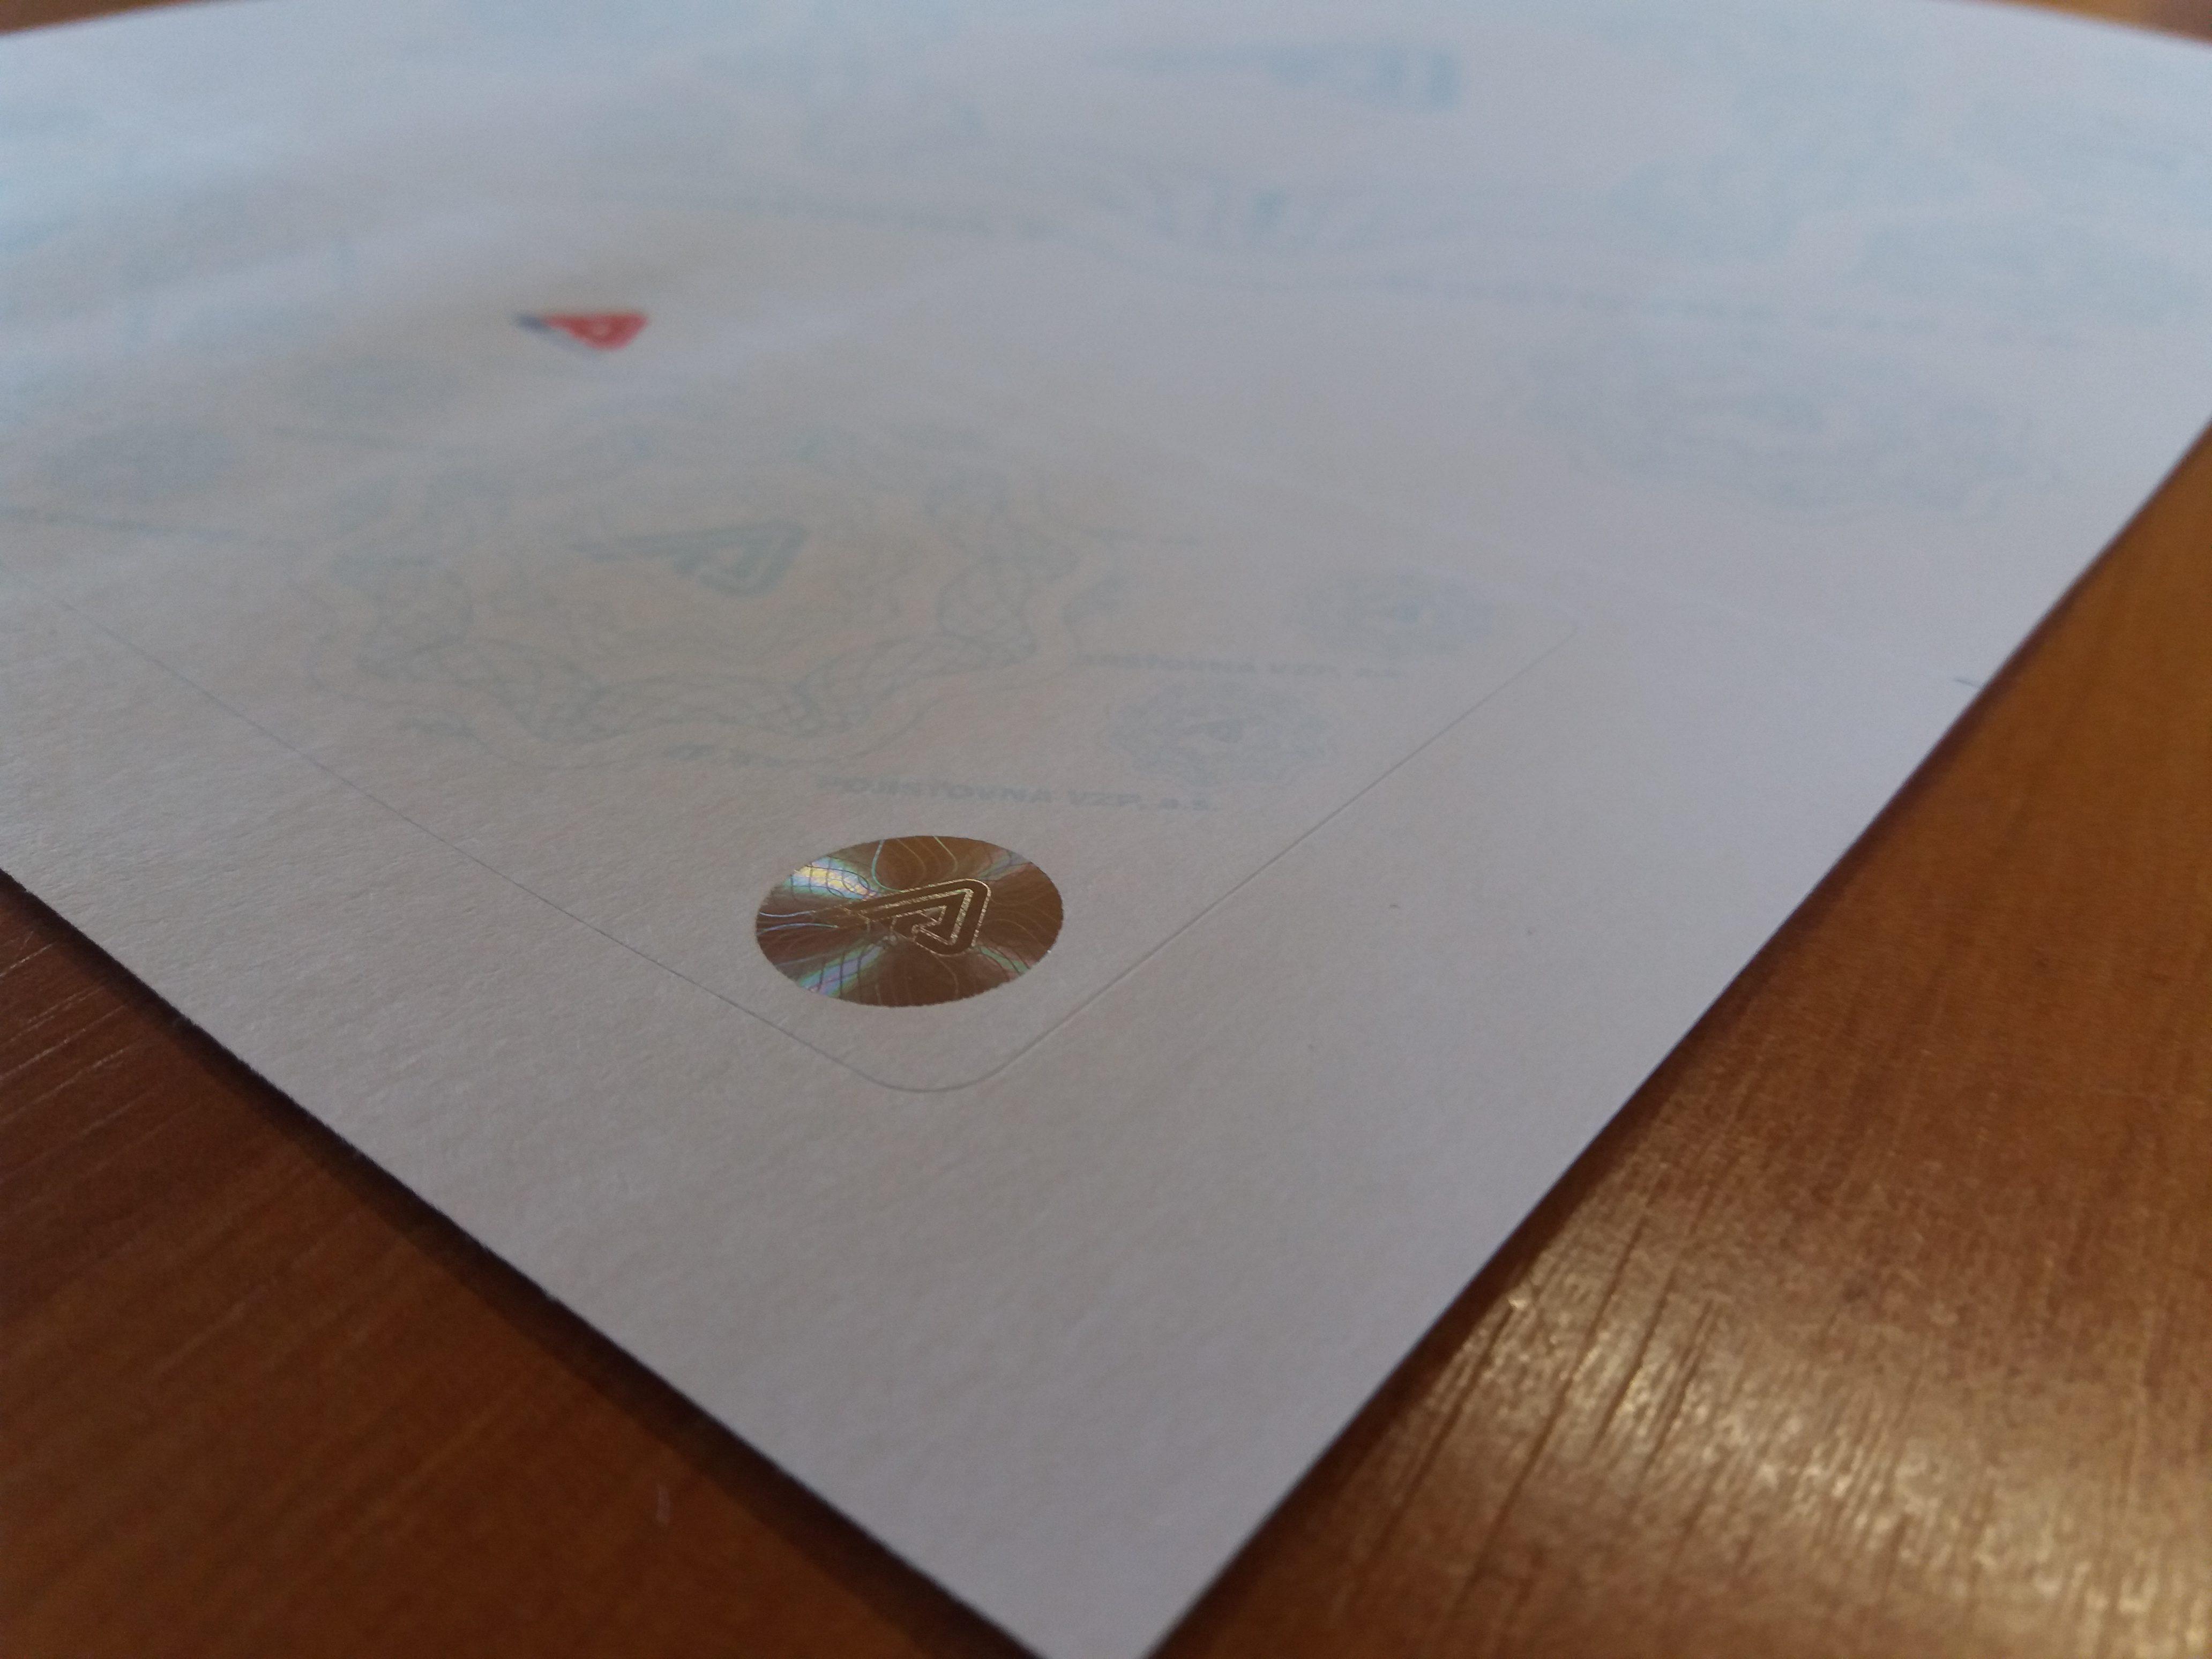 Formuláře s hologramem